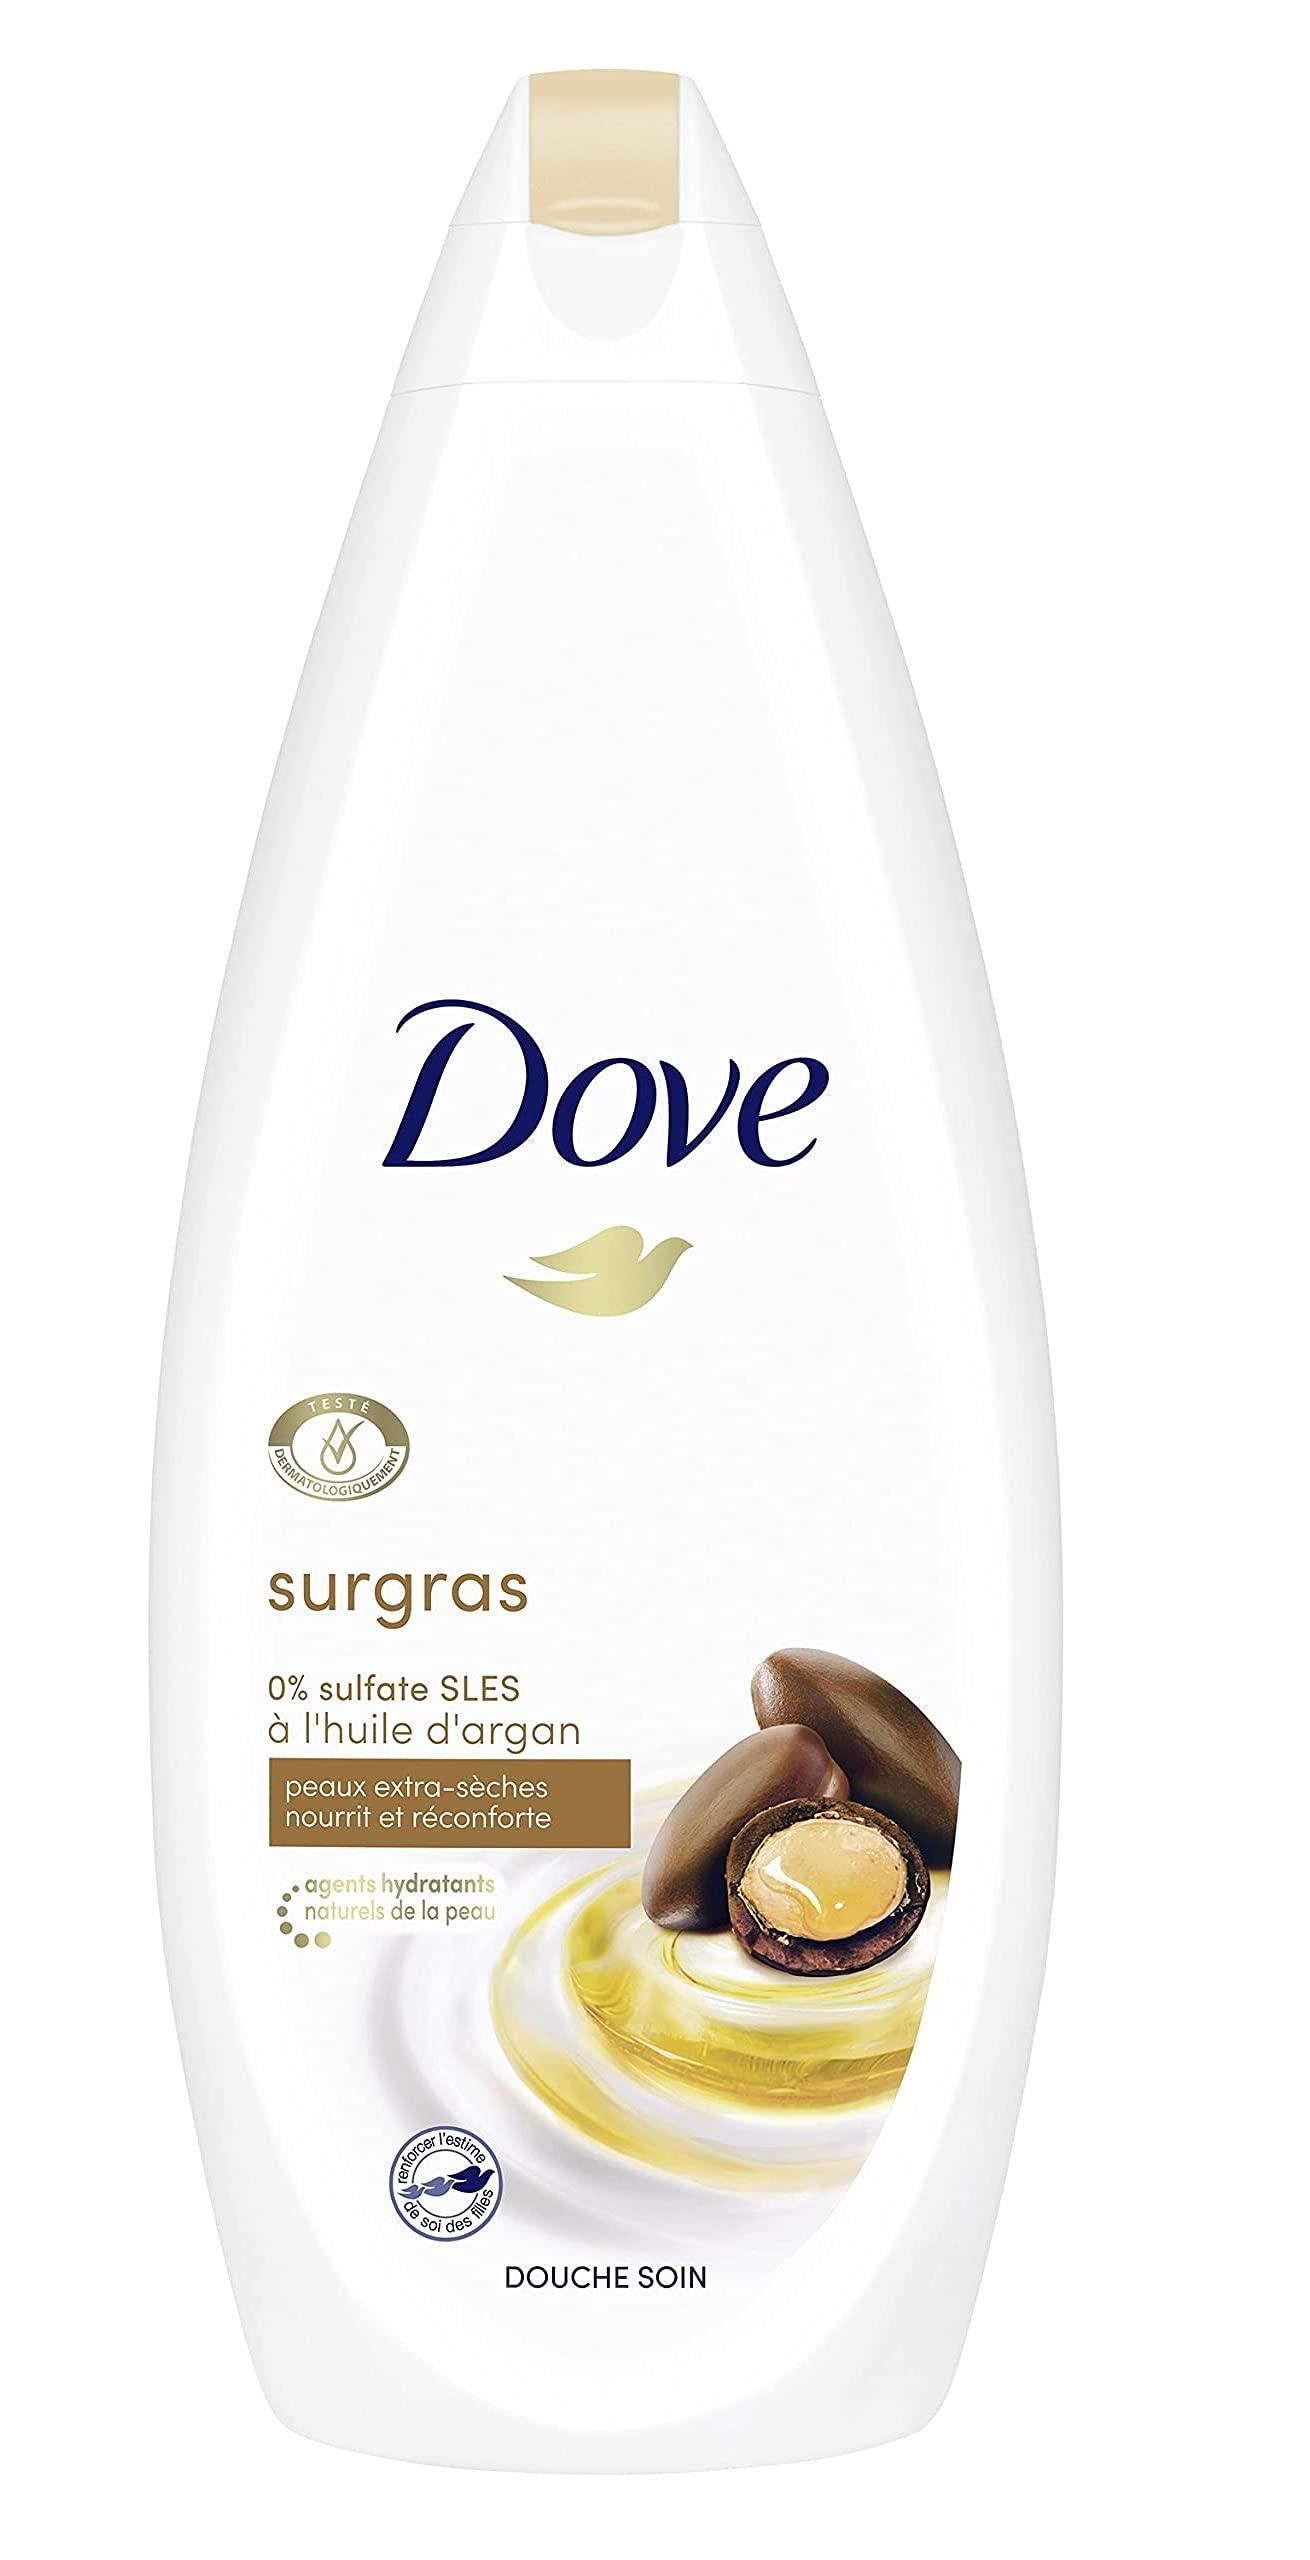 Dove Cuidado Óleo-Nutritivo Gel de Ducha para Piel Seca con Aceite de Argán 750 ml